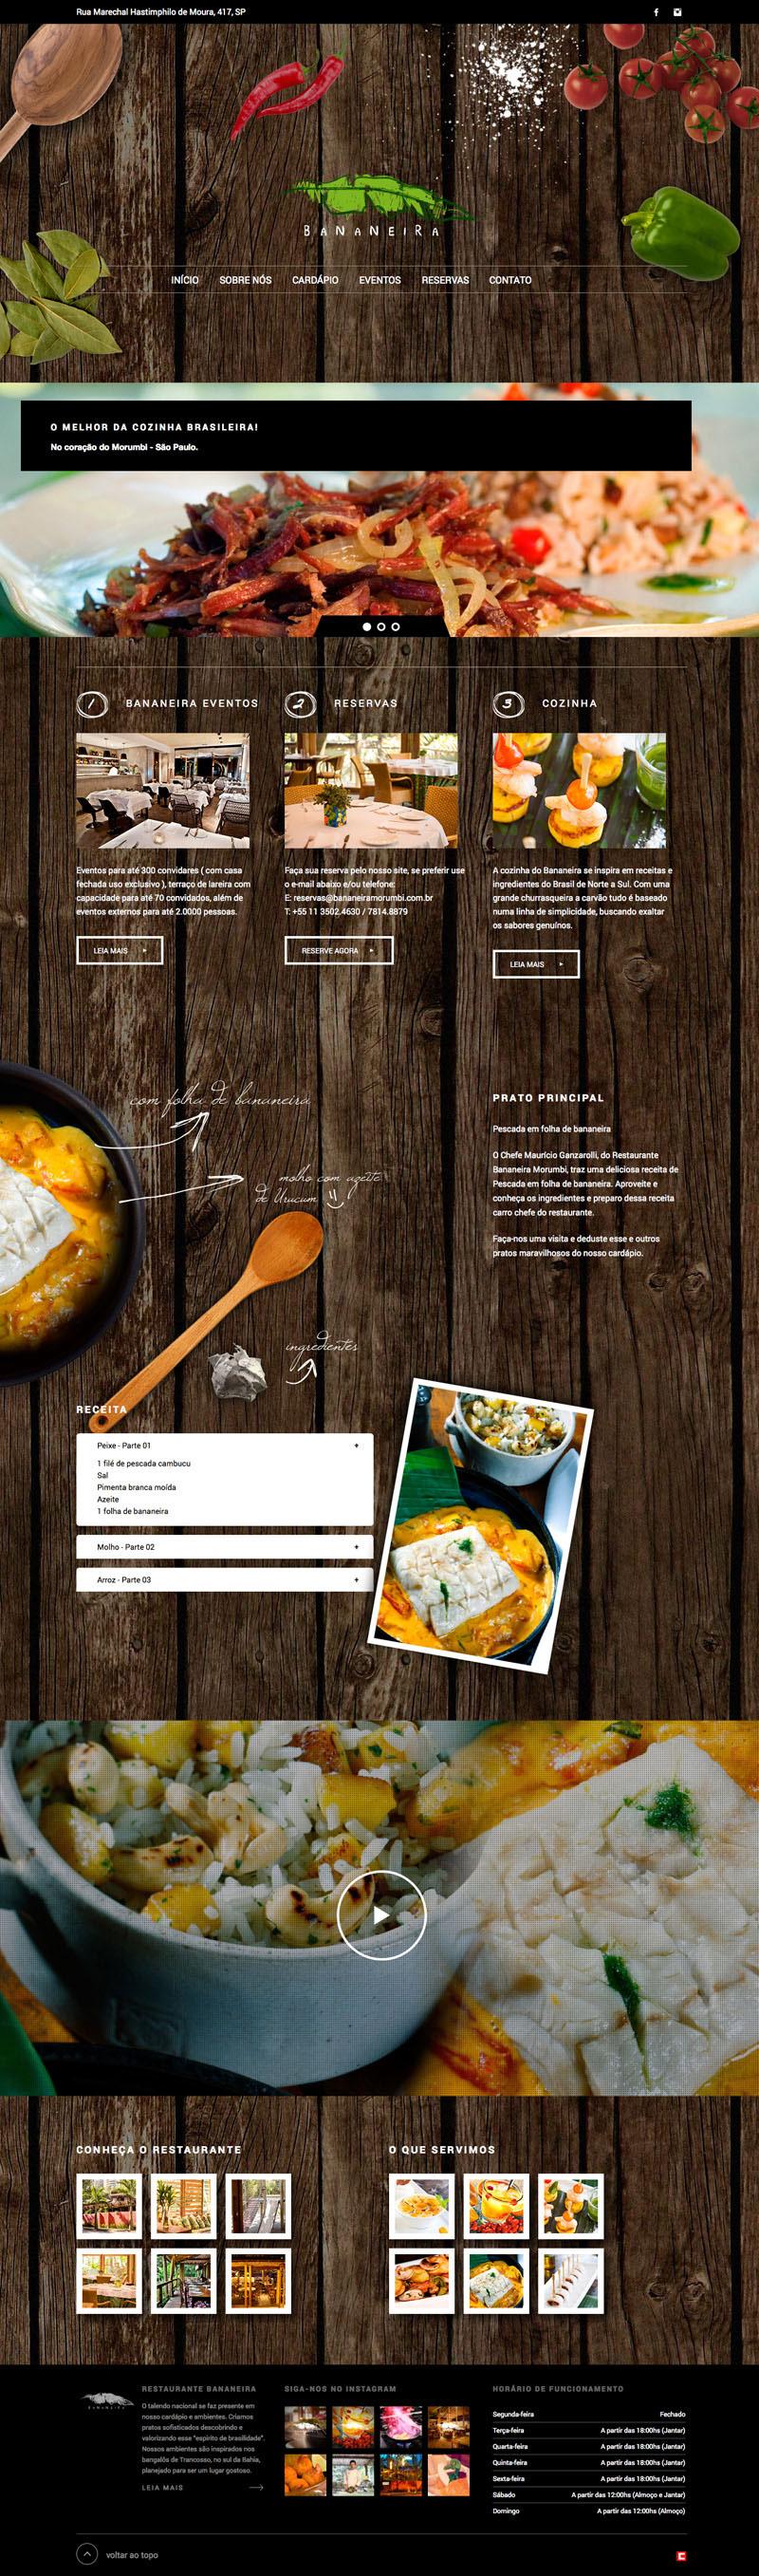 criação de sites criar sites site responsivo site site de restaurante são paulo sites são paulo sites joao pessoa pb clidenor clidenorjr clidenorME